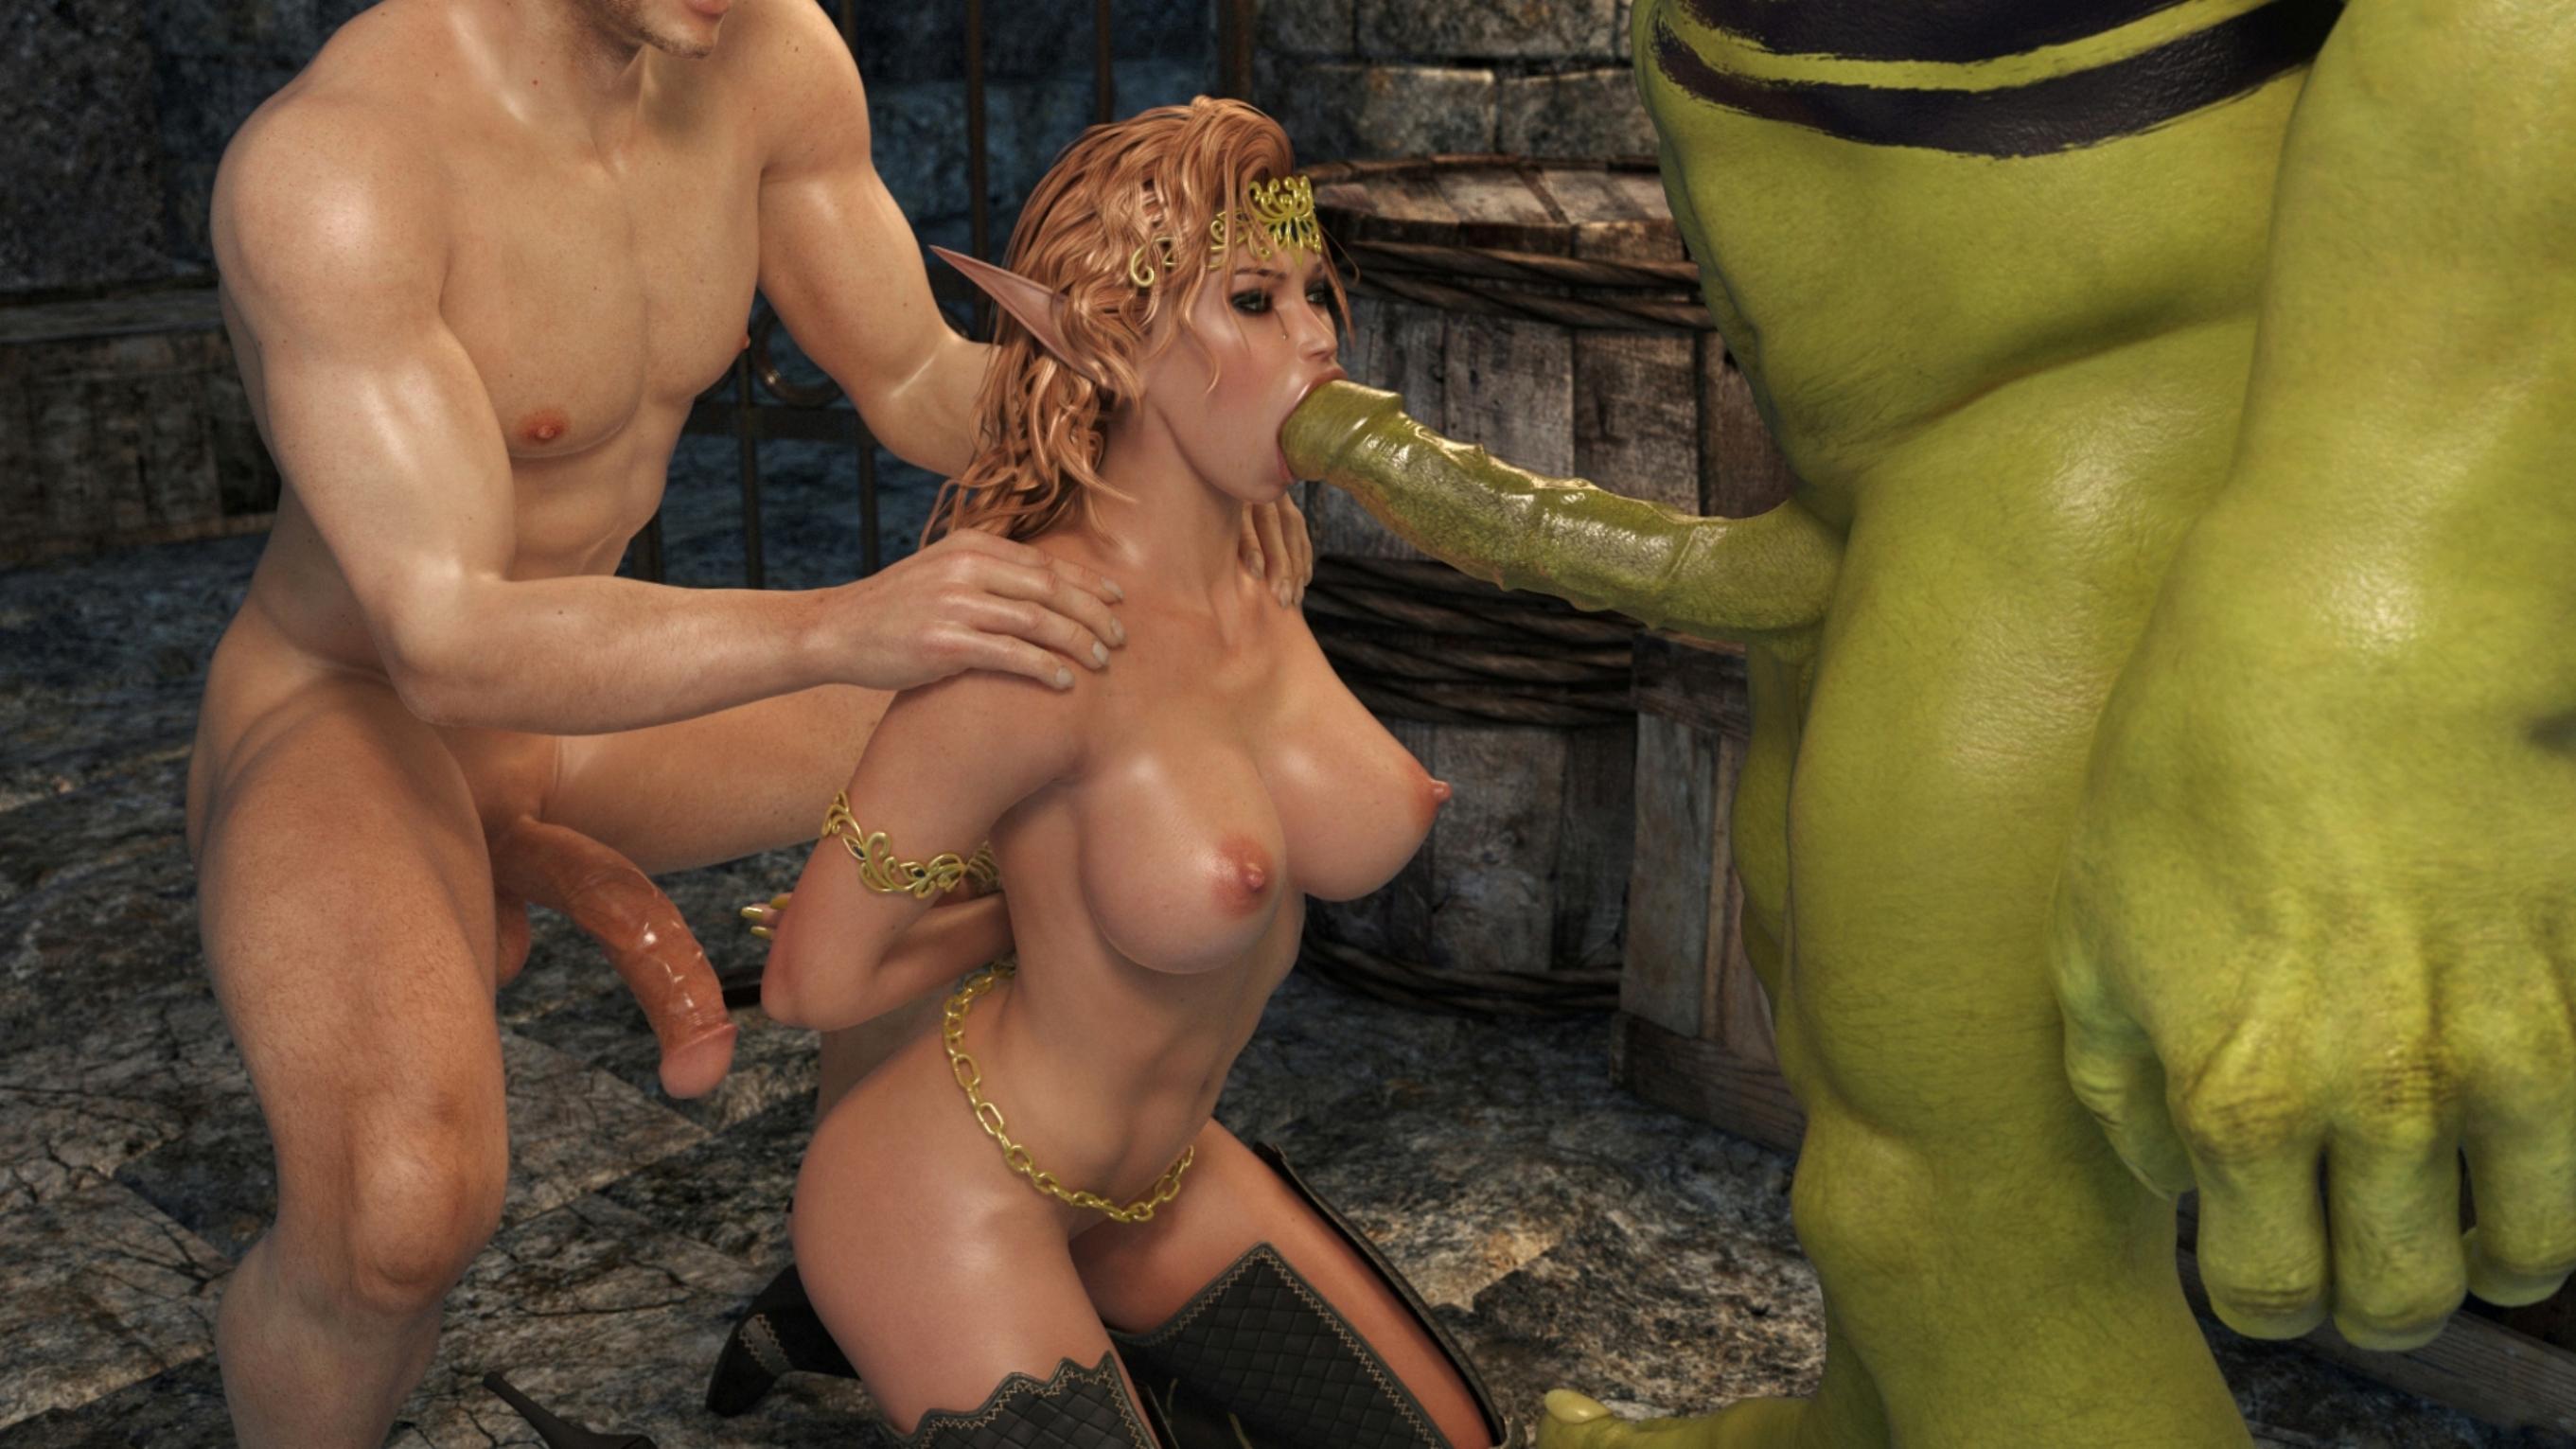 трансы порно мультики 3д: порно видео онлайн, смотреть ...